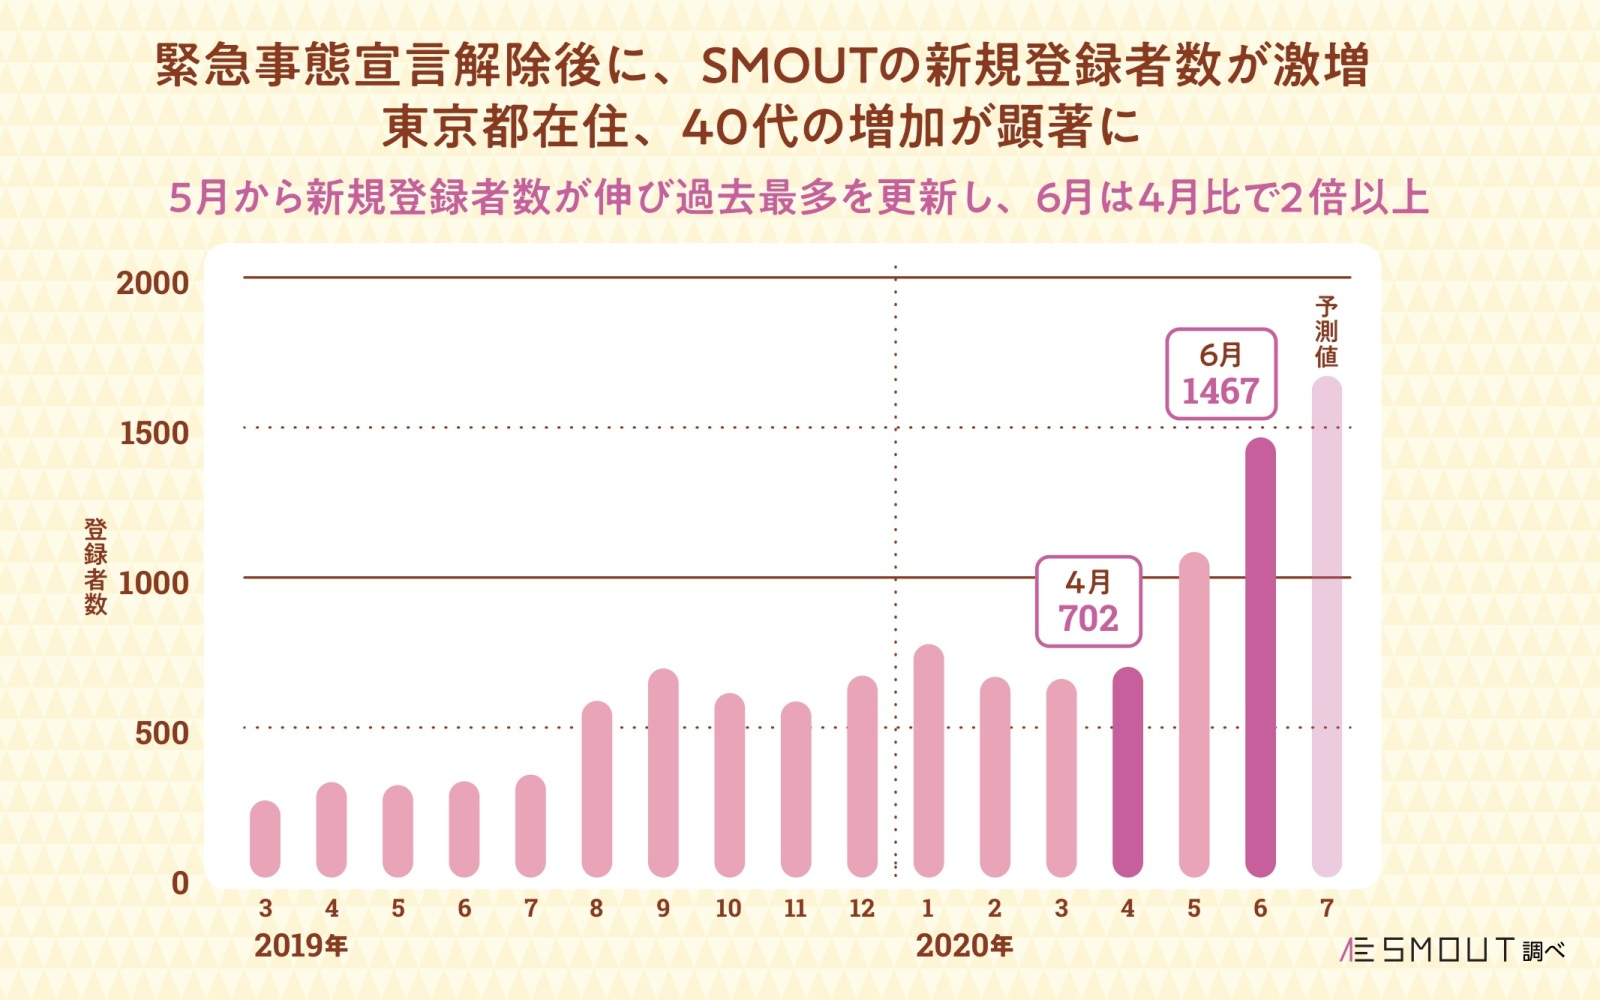 表4.SMOUT月間の新規登録者数推移